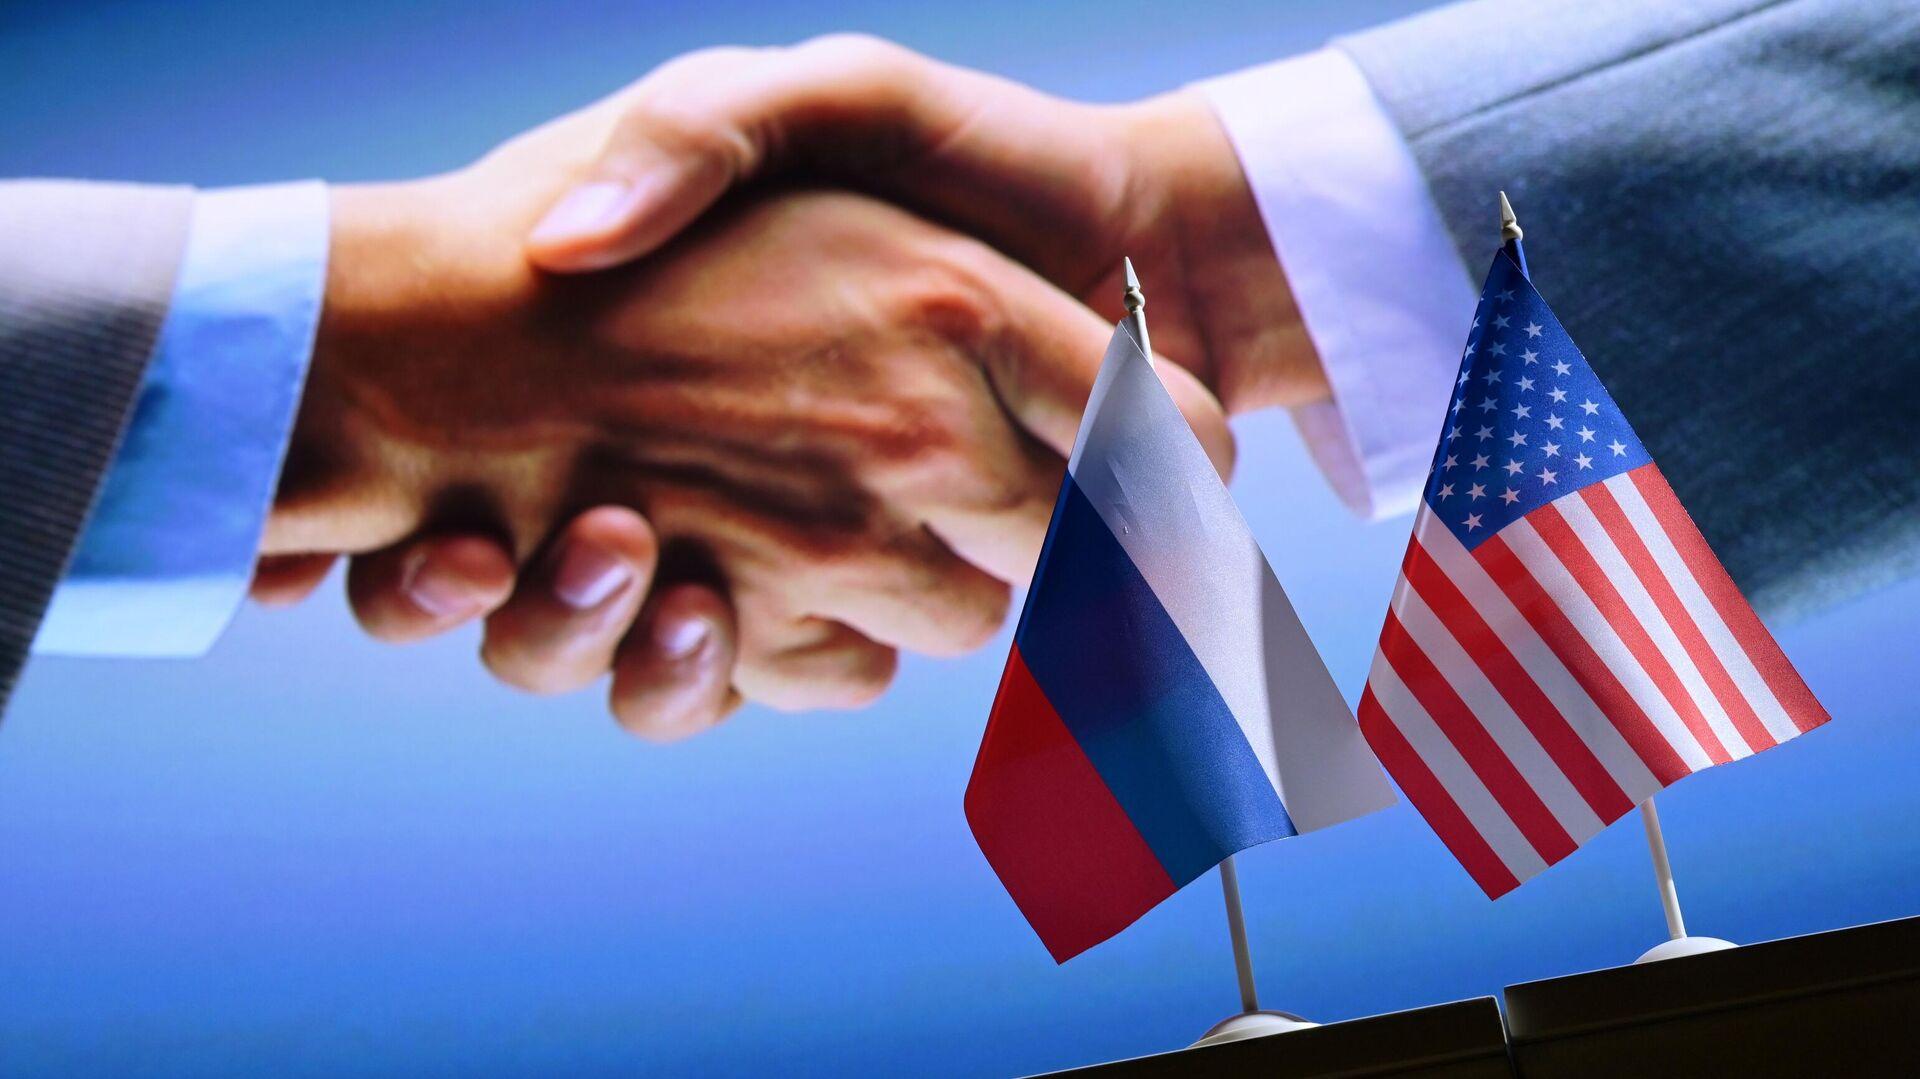 Las banderas de Rusia y EEUU - Sputnik Mundo, 1920, 13.07.2021